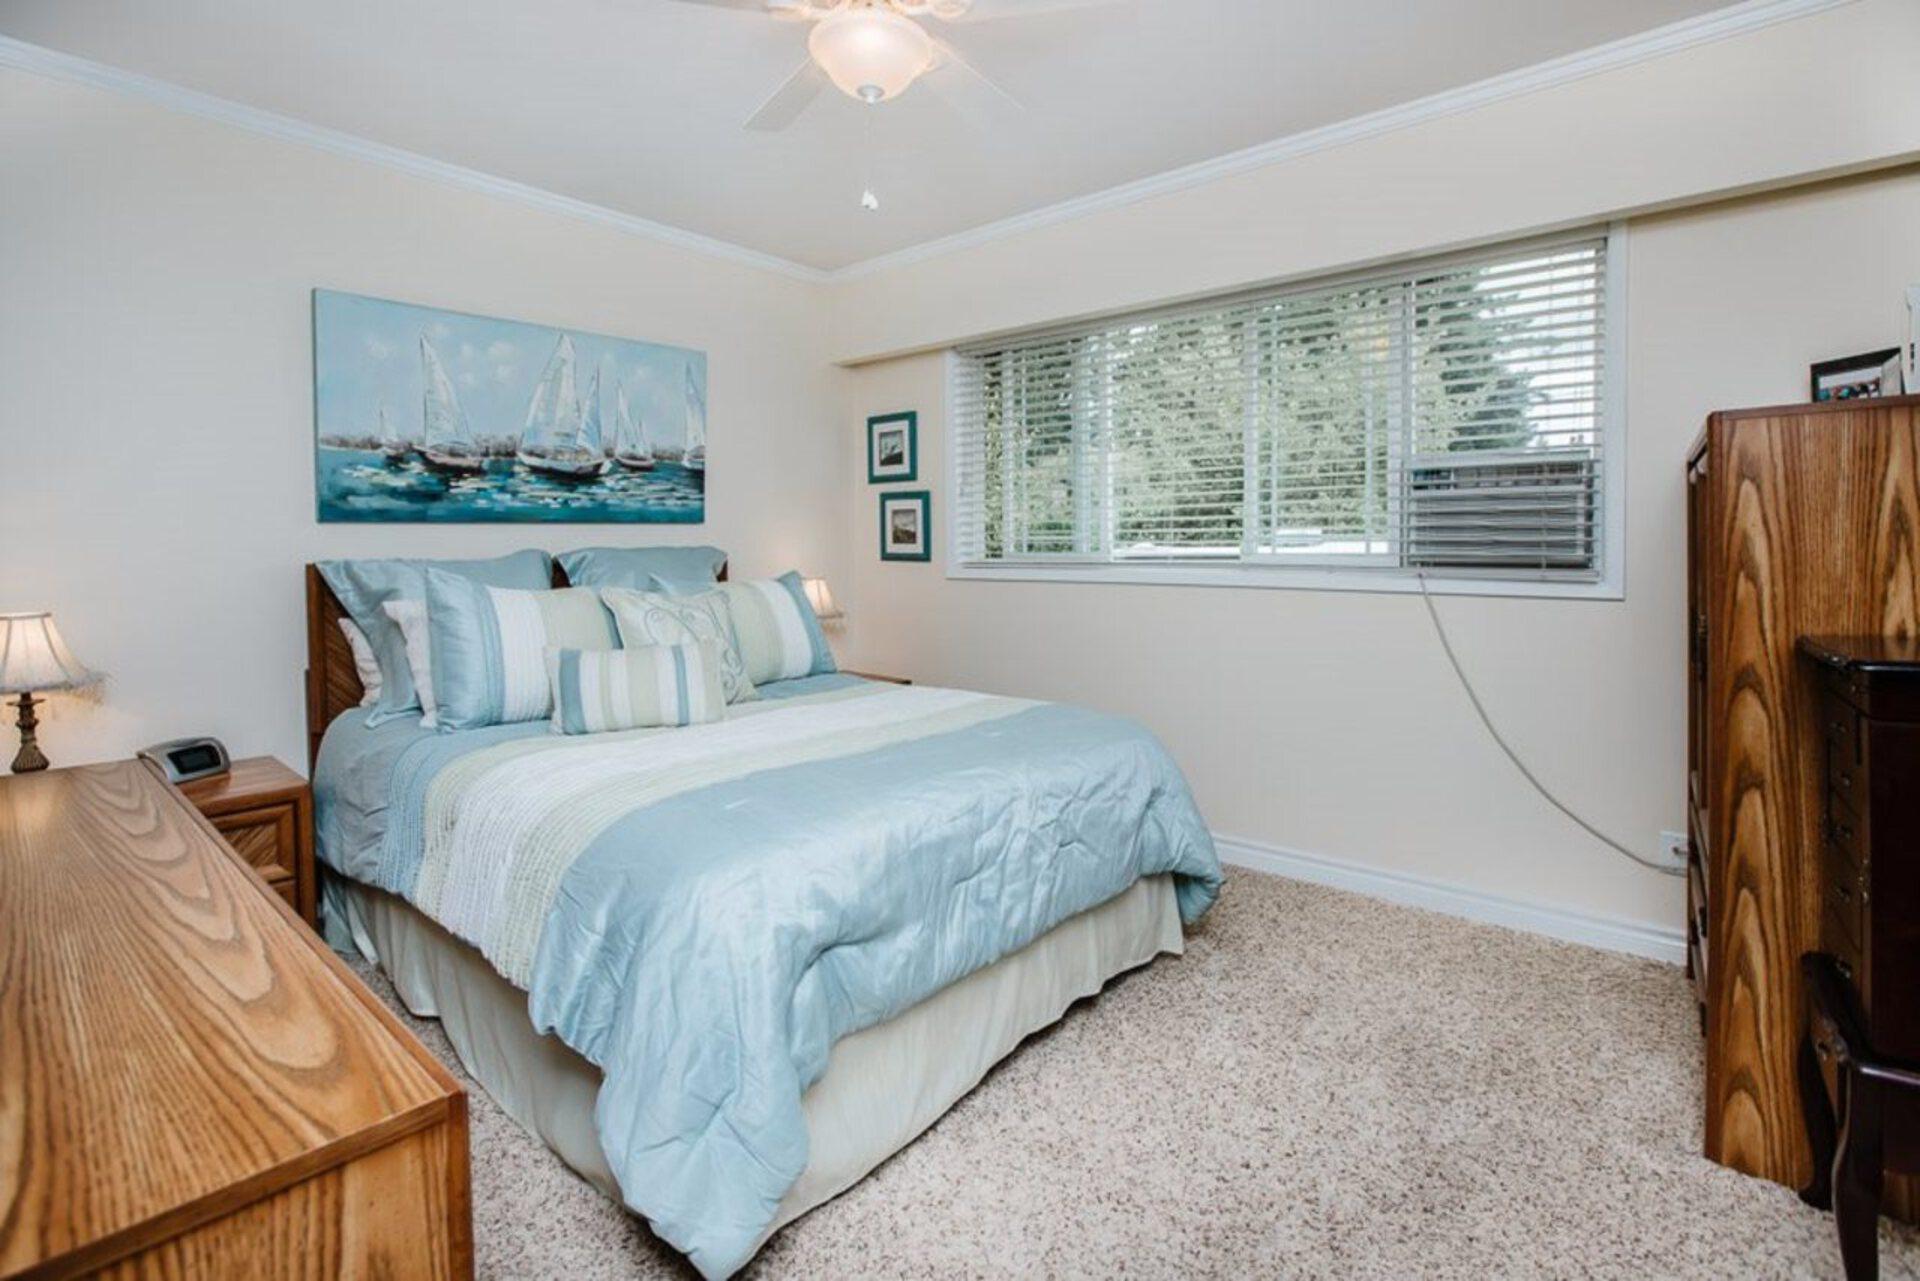 21519-122-avenue-west-central-maple-ridge-10 at 21519 122 Avenue, West Central, Maple Ridge